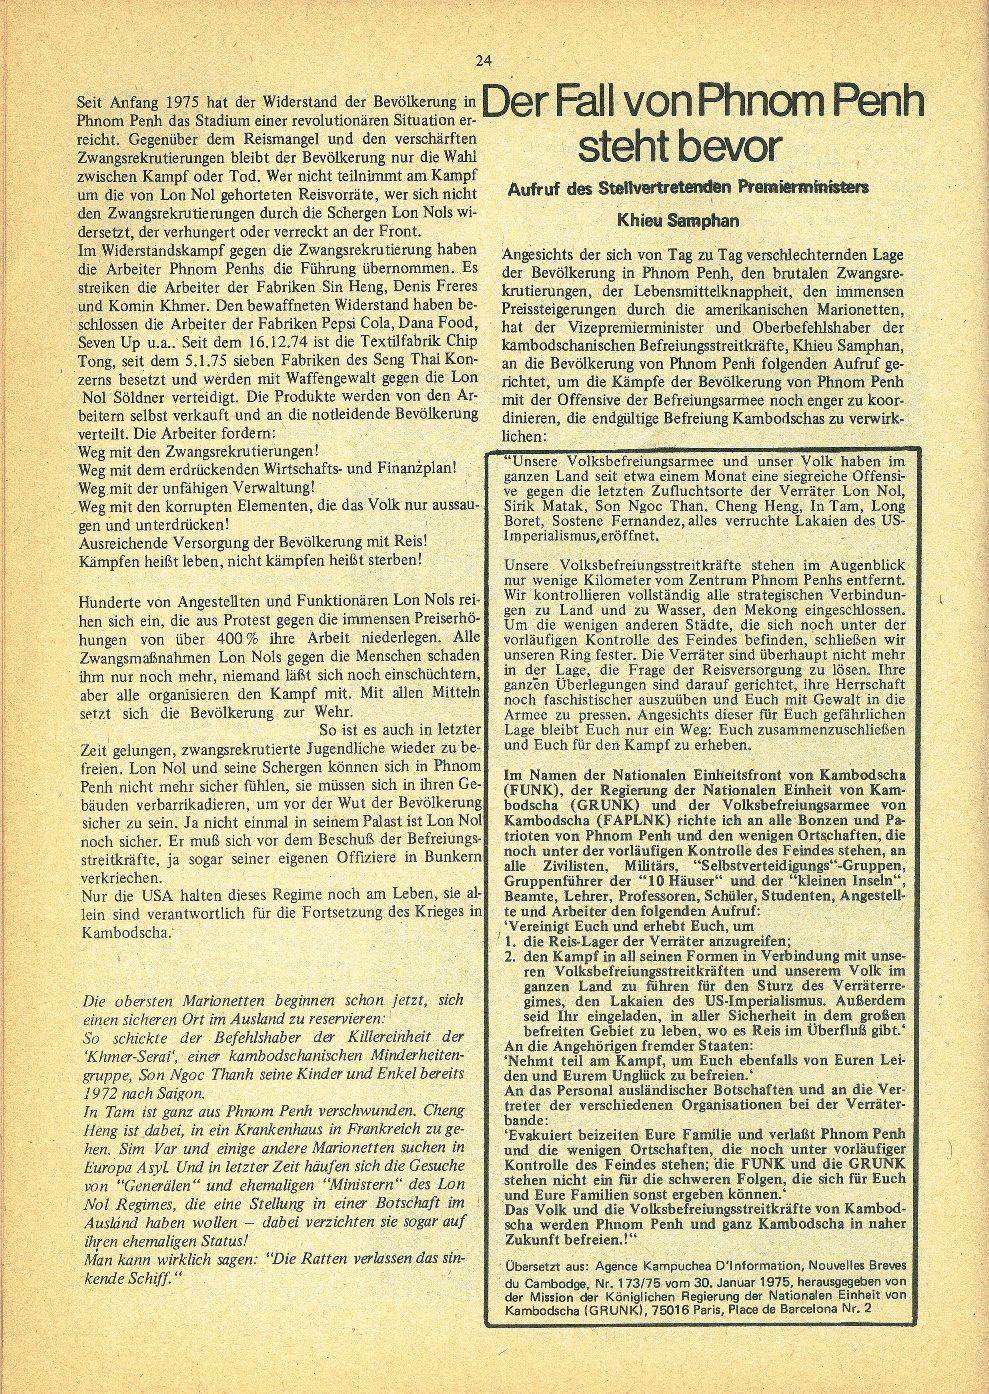 Kambodscha_1974_Das_Volk_besiegt_den_Imperialismus025